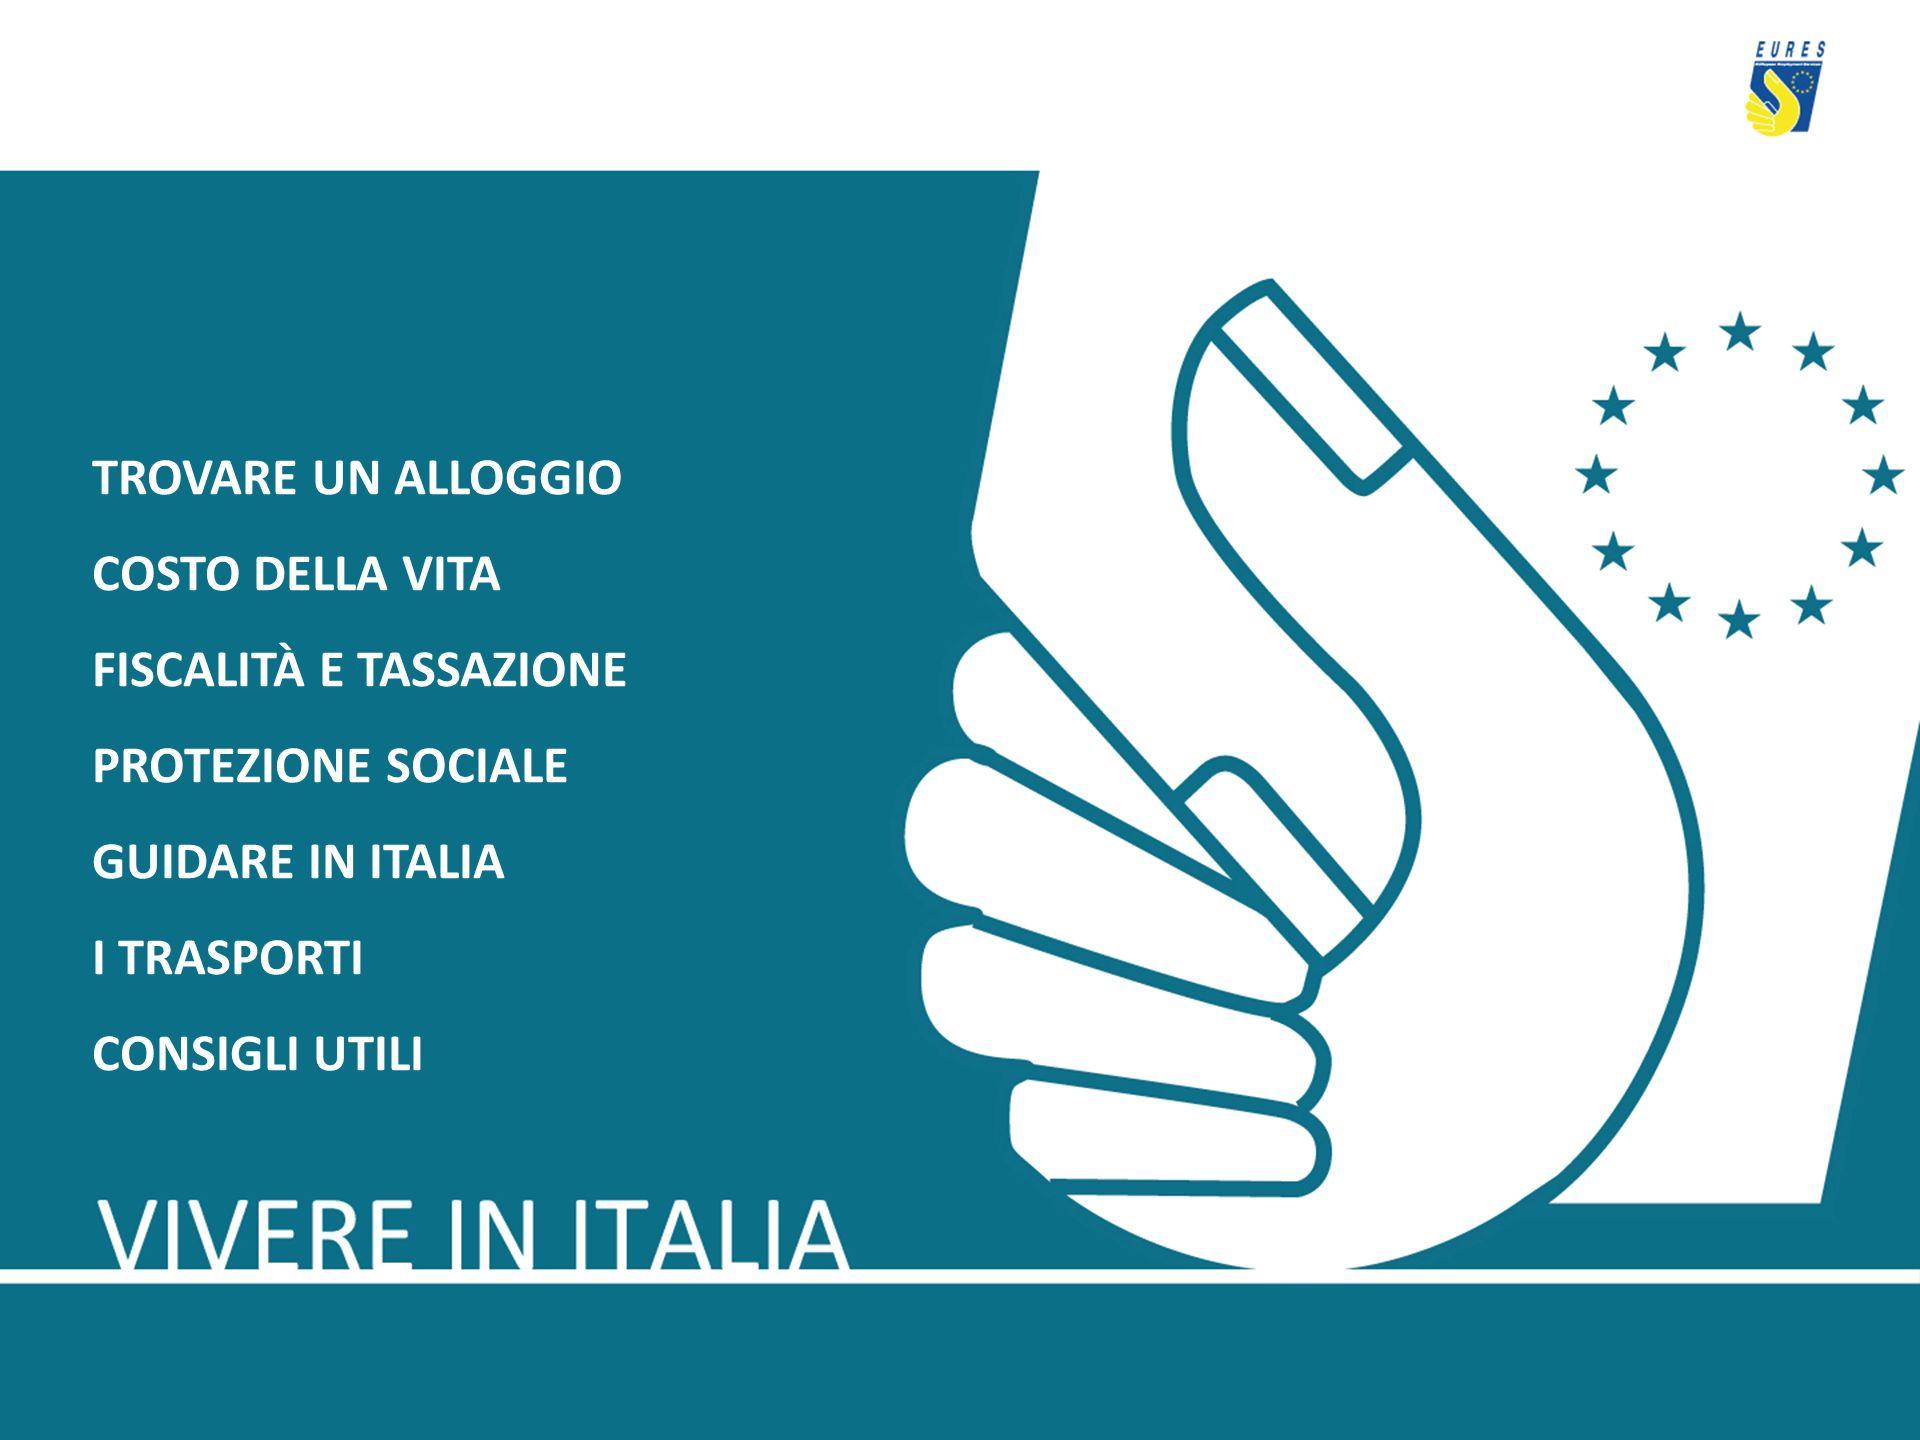 TROVARE UN ALLOGGIO COSTO DELLA VITA. FISCALITÀ E TASSAZIONE. PROTEZIONE SOCIALE. GUIDARE IN ITALIA.